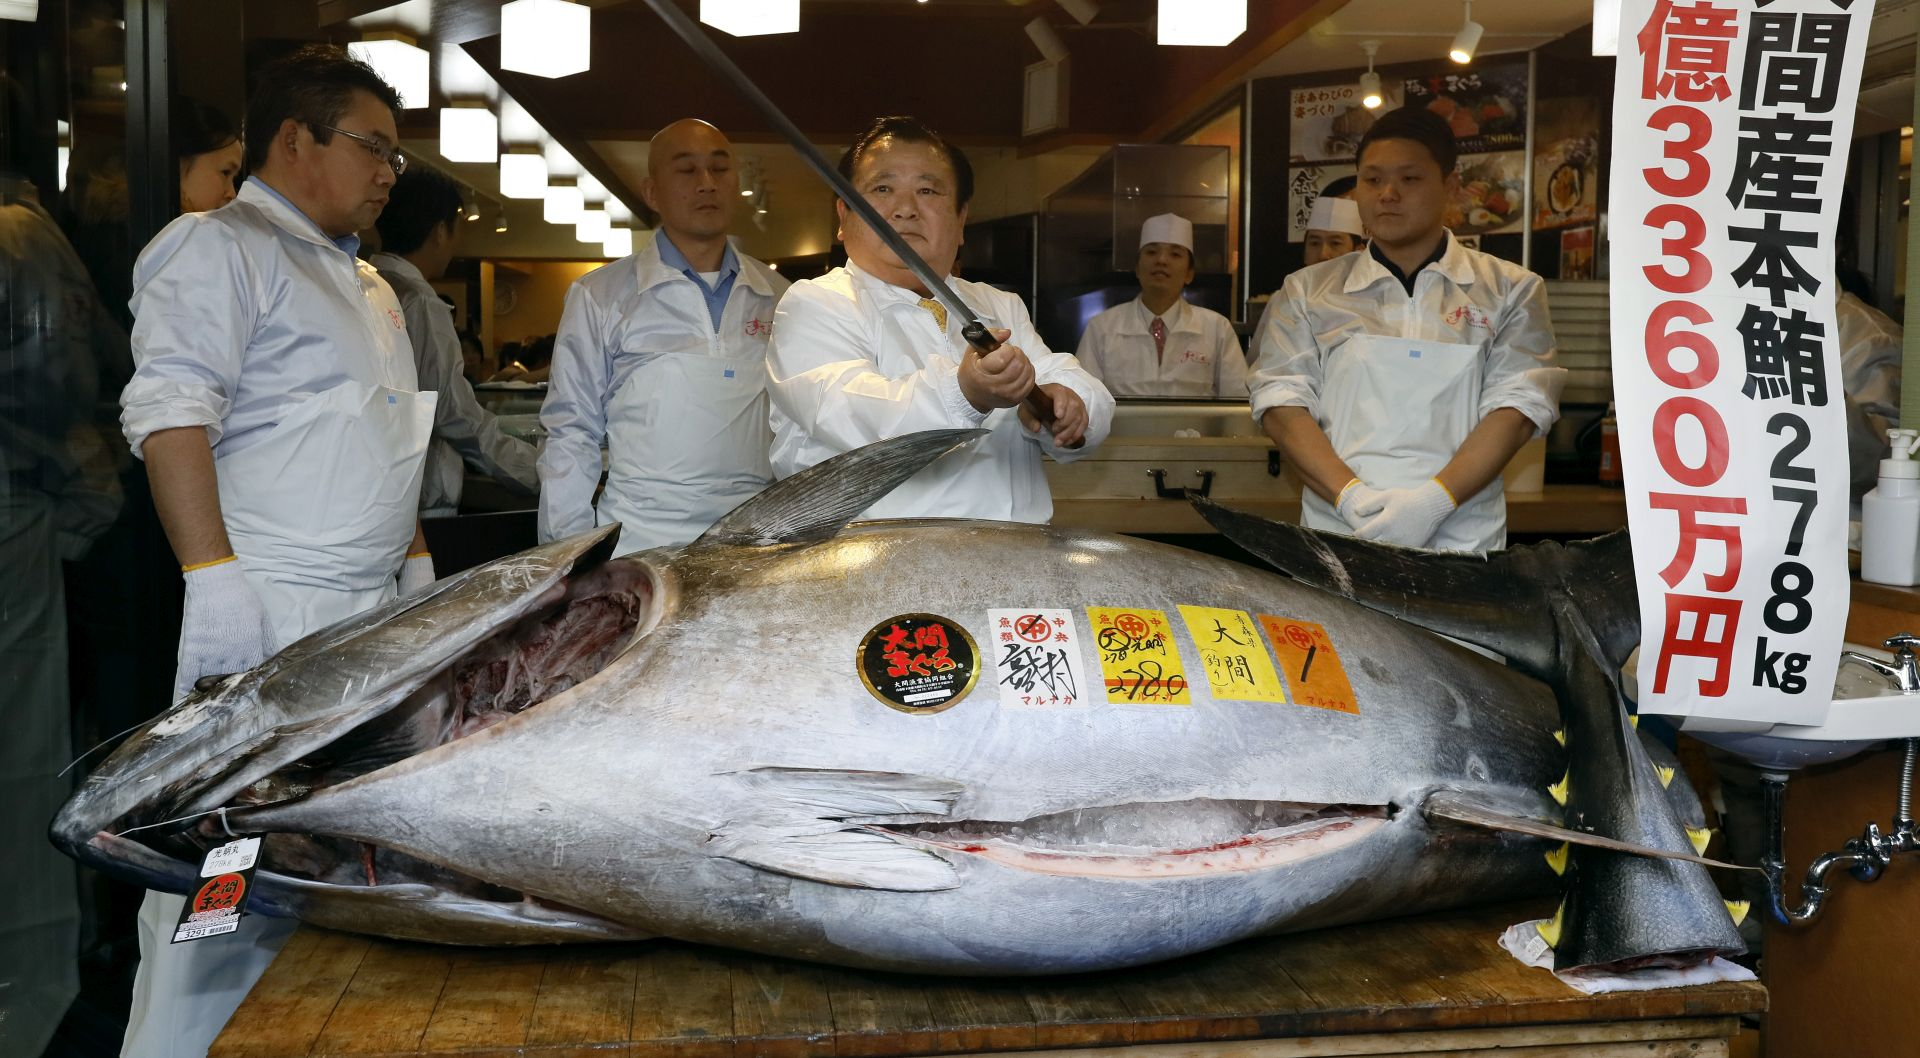 Tuna prodana za rekordnih tri milijuna dolara